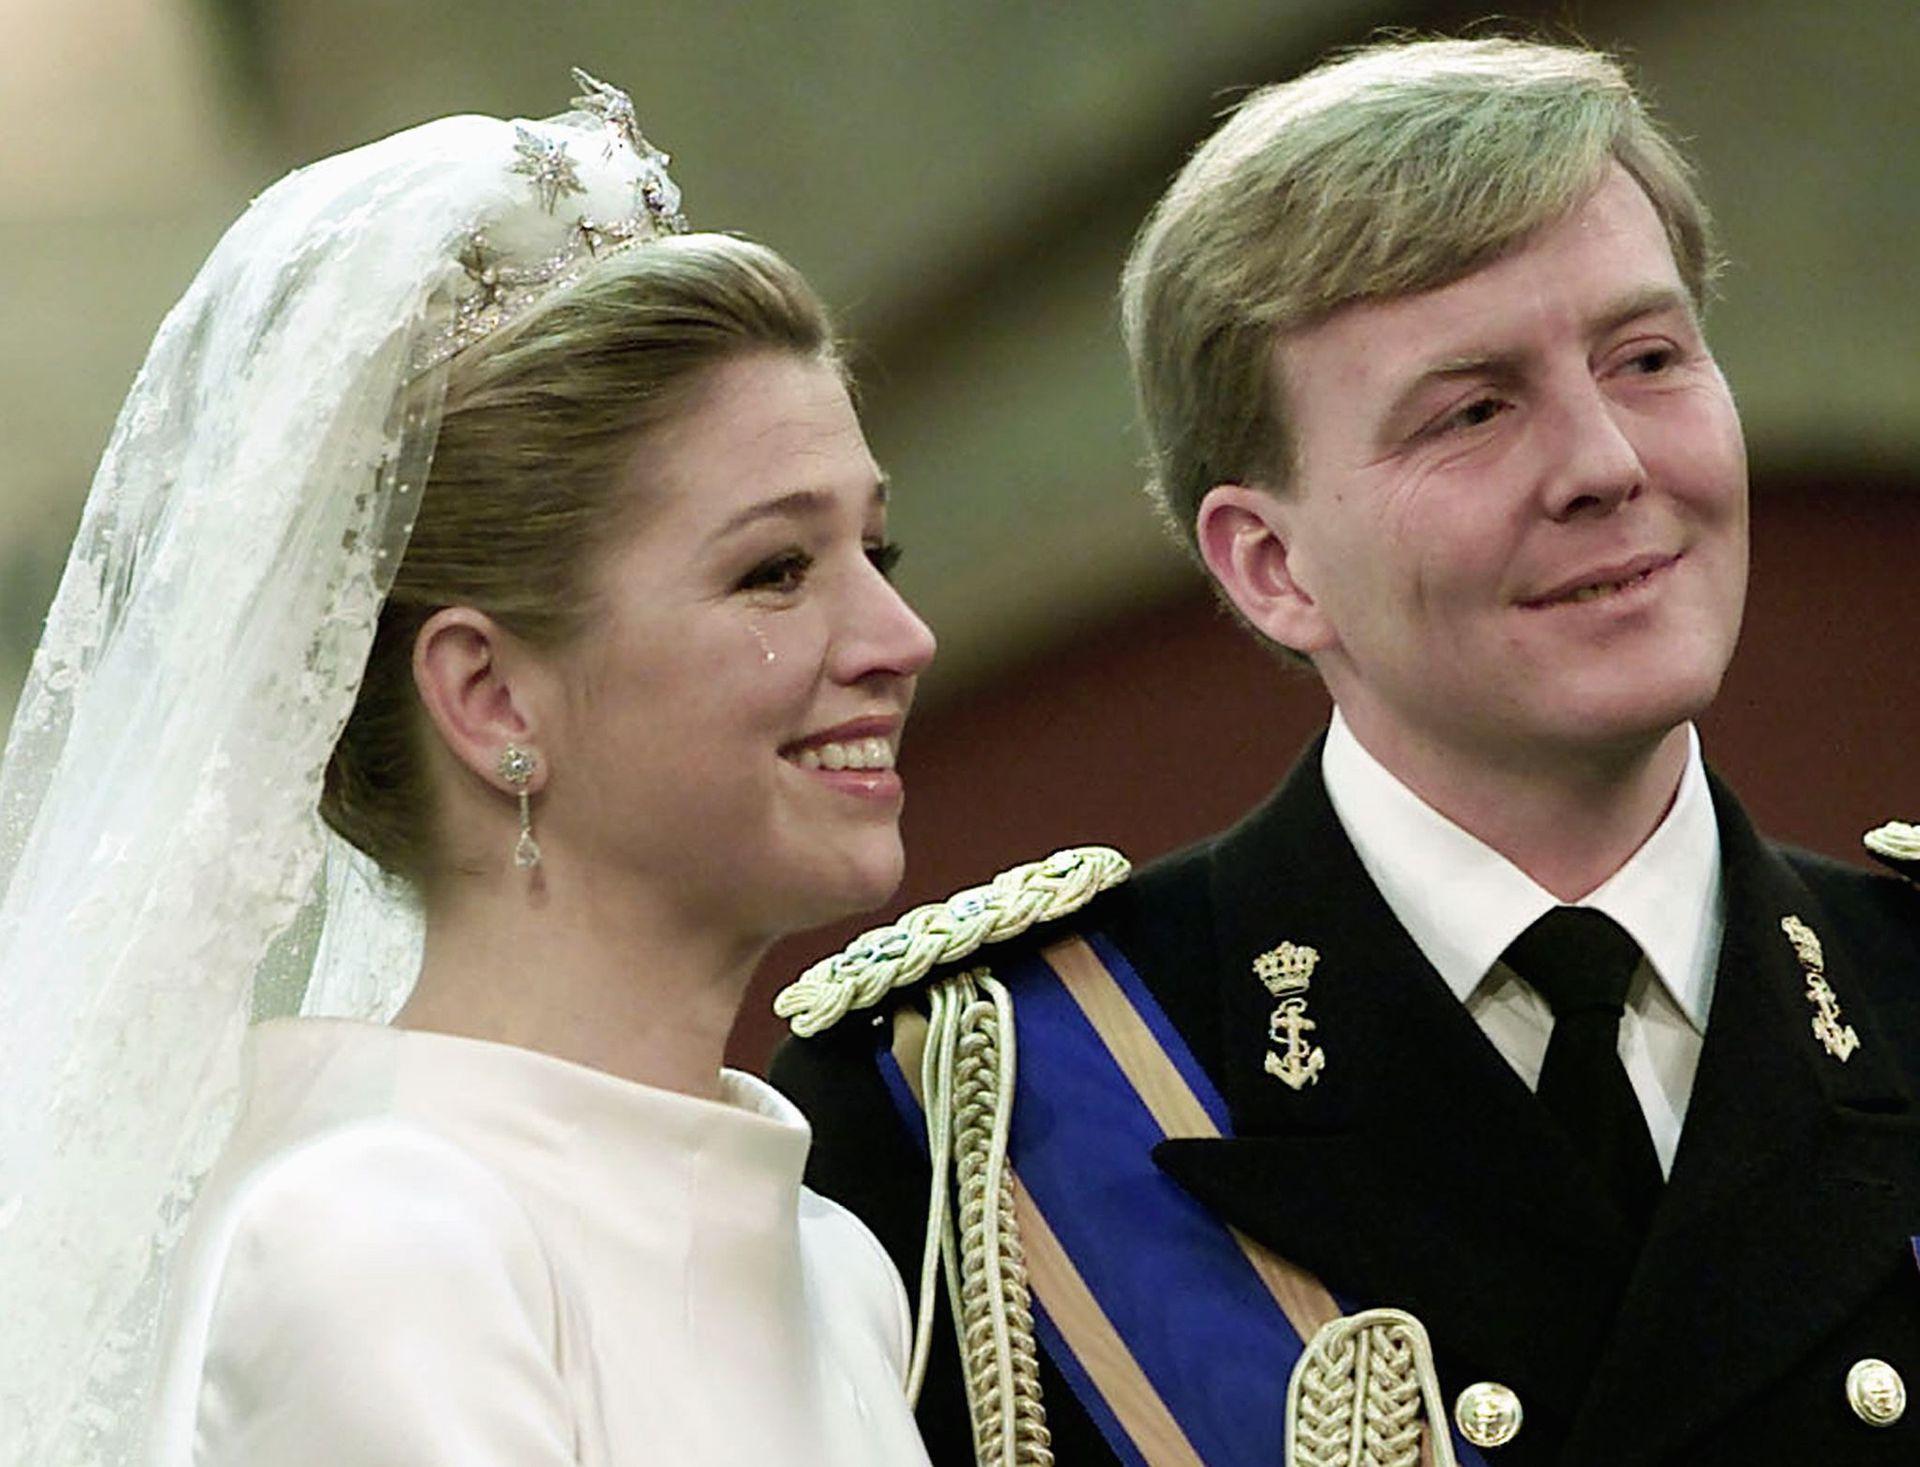 Aunque fue un día feliz, Máxima extrañó a su padre; el Parlamento impidió que Jorge Zorreguieta asistiera por haber ocupado un cargo en la última dictadura militar argentina